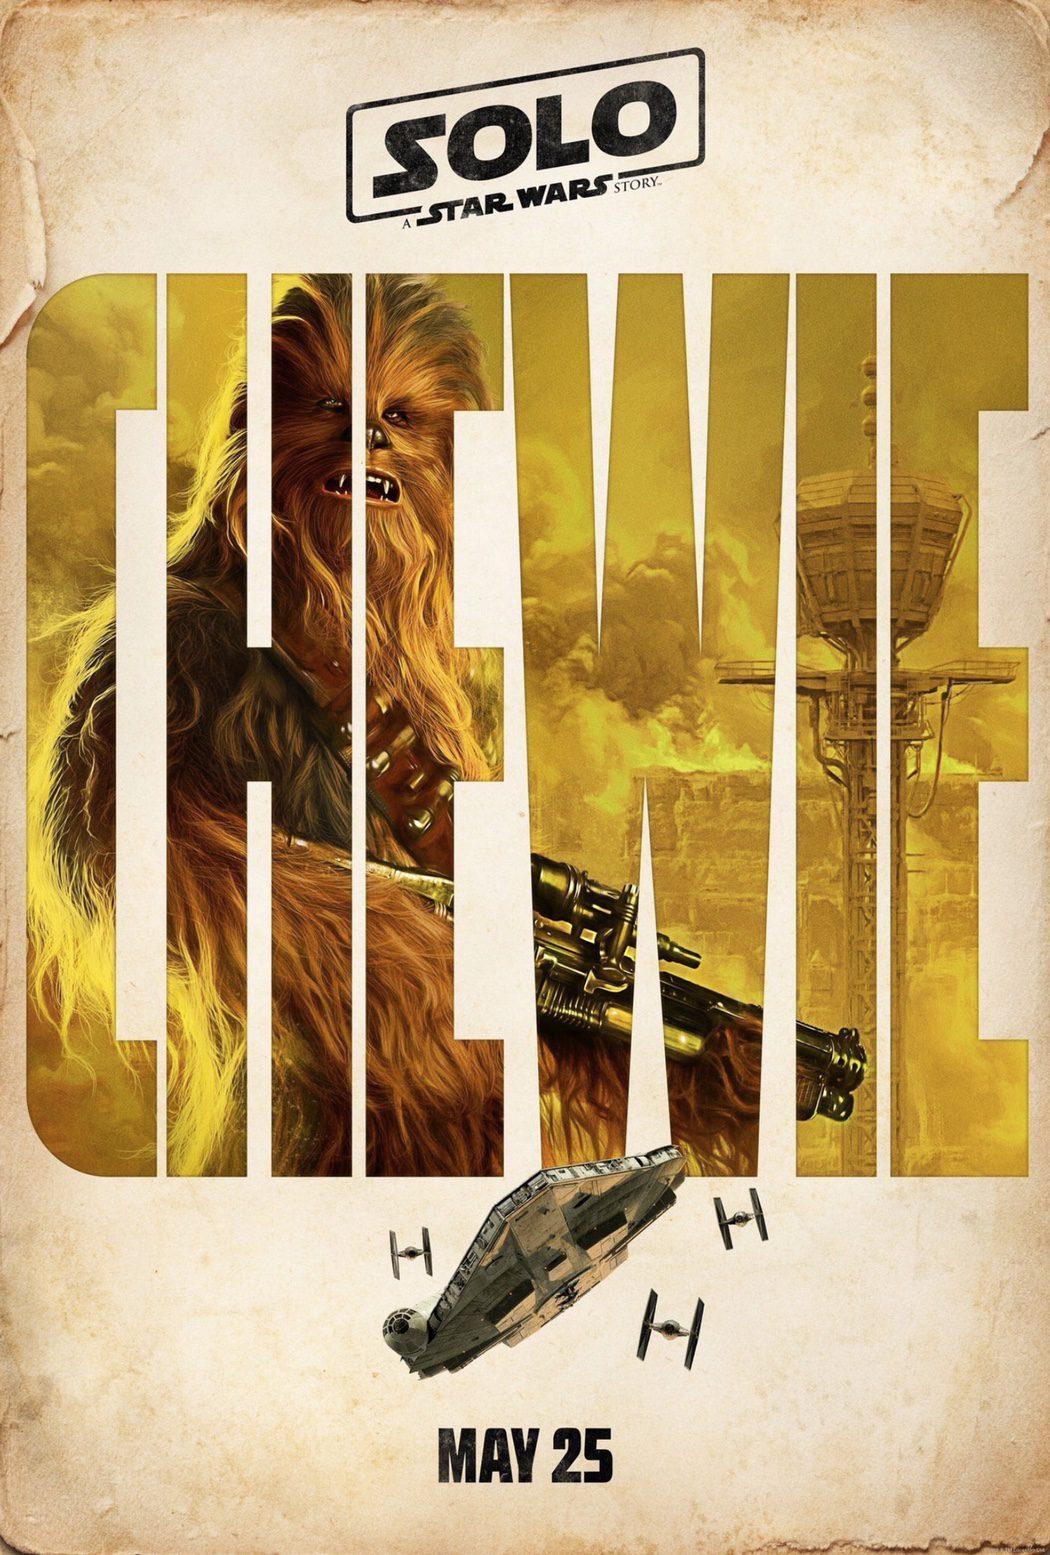 Chewbacca (Joonas Suotamo)